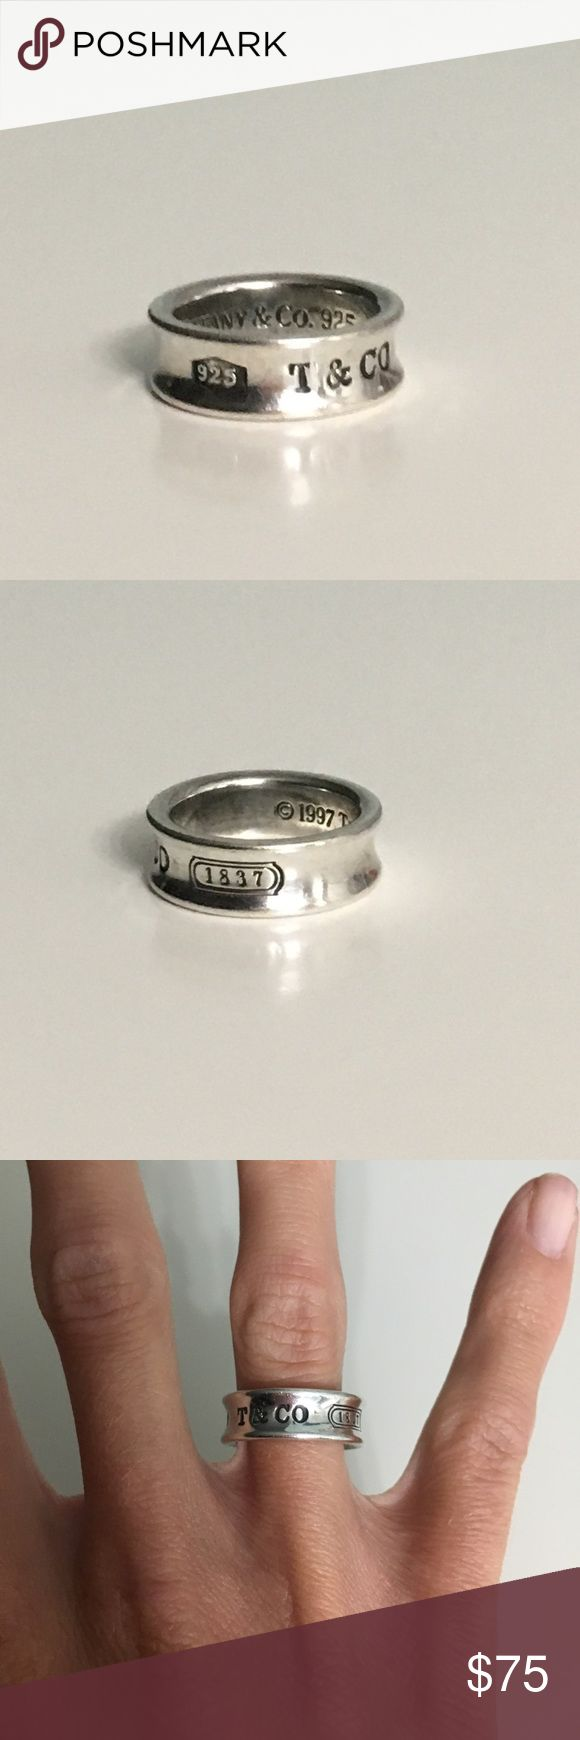 Tiffany and company ring Hardly worn.  Size 5 Tiffany and company.💍 Tiffany & Co. Jewelry Rings